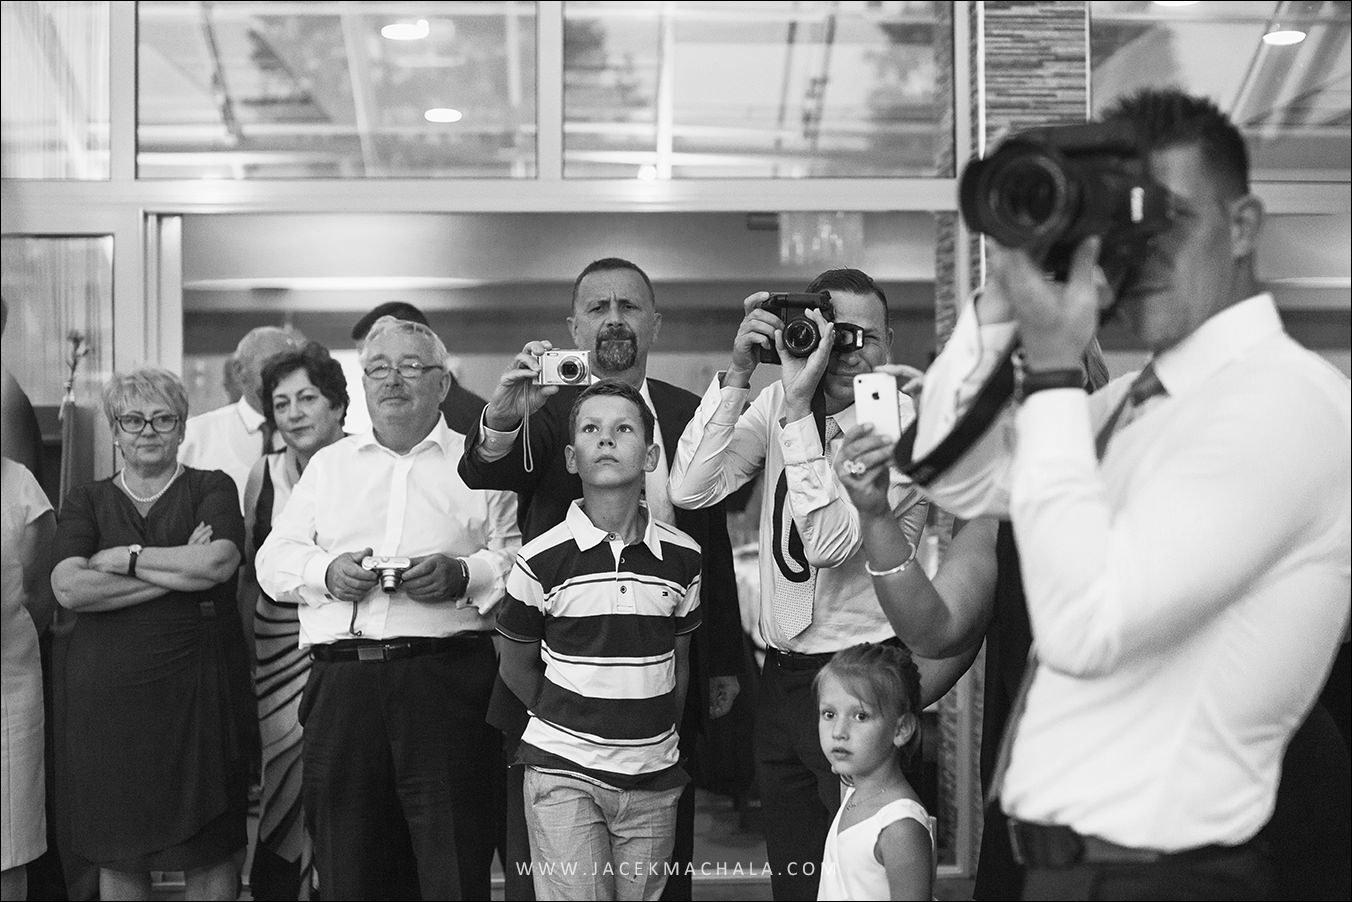 slask fotograf bielsko biala diana i dawid 57 - Hotel Ostaniec - DIANA & DAWID